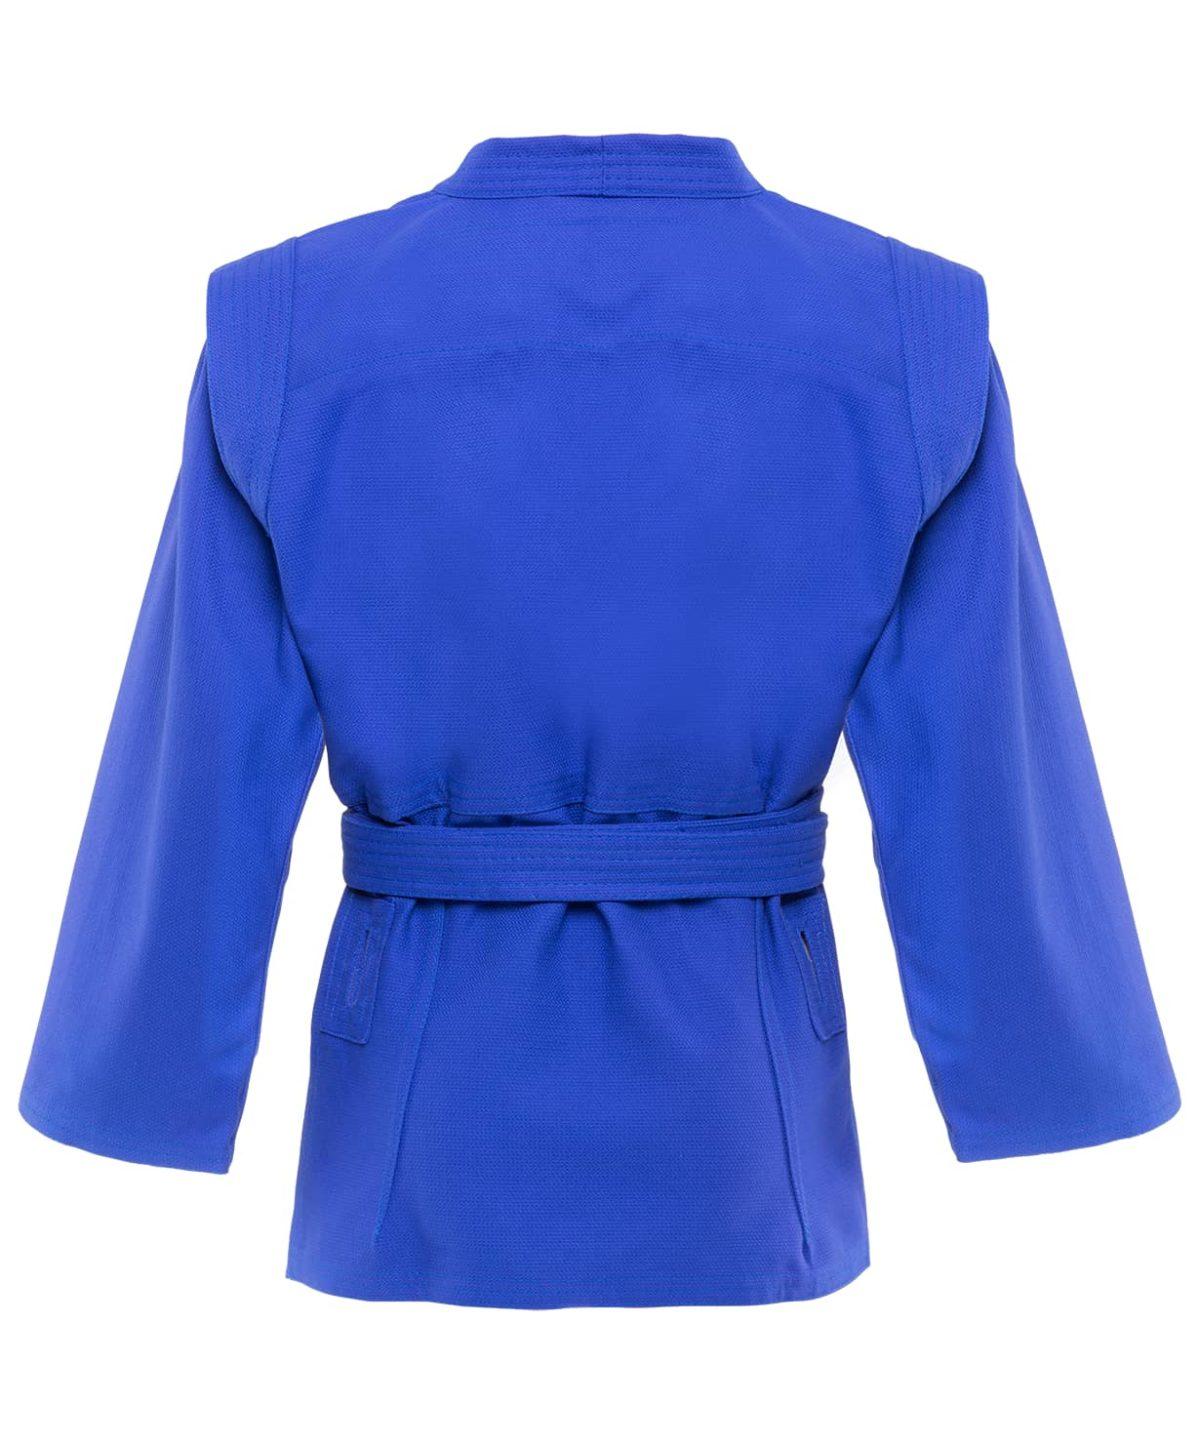 GREEN HILL Куртка для самбо 1/140  JS-302: синий - 2